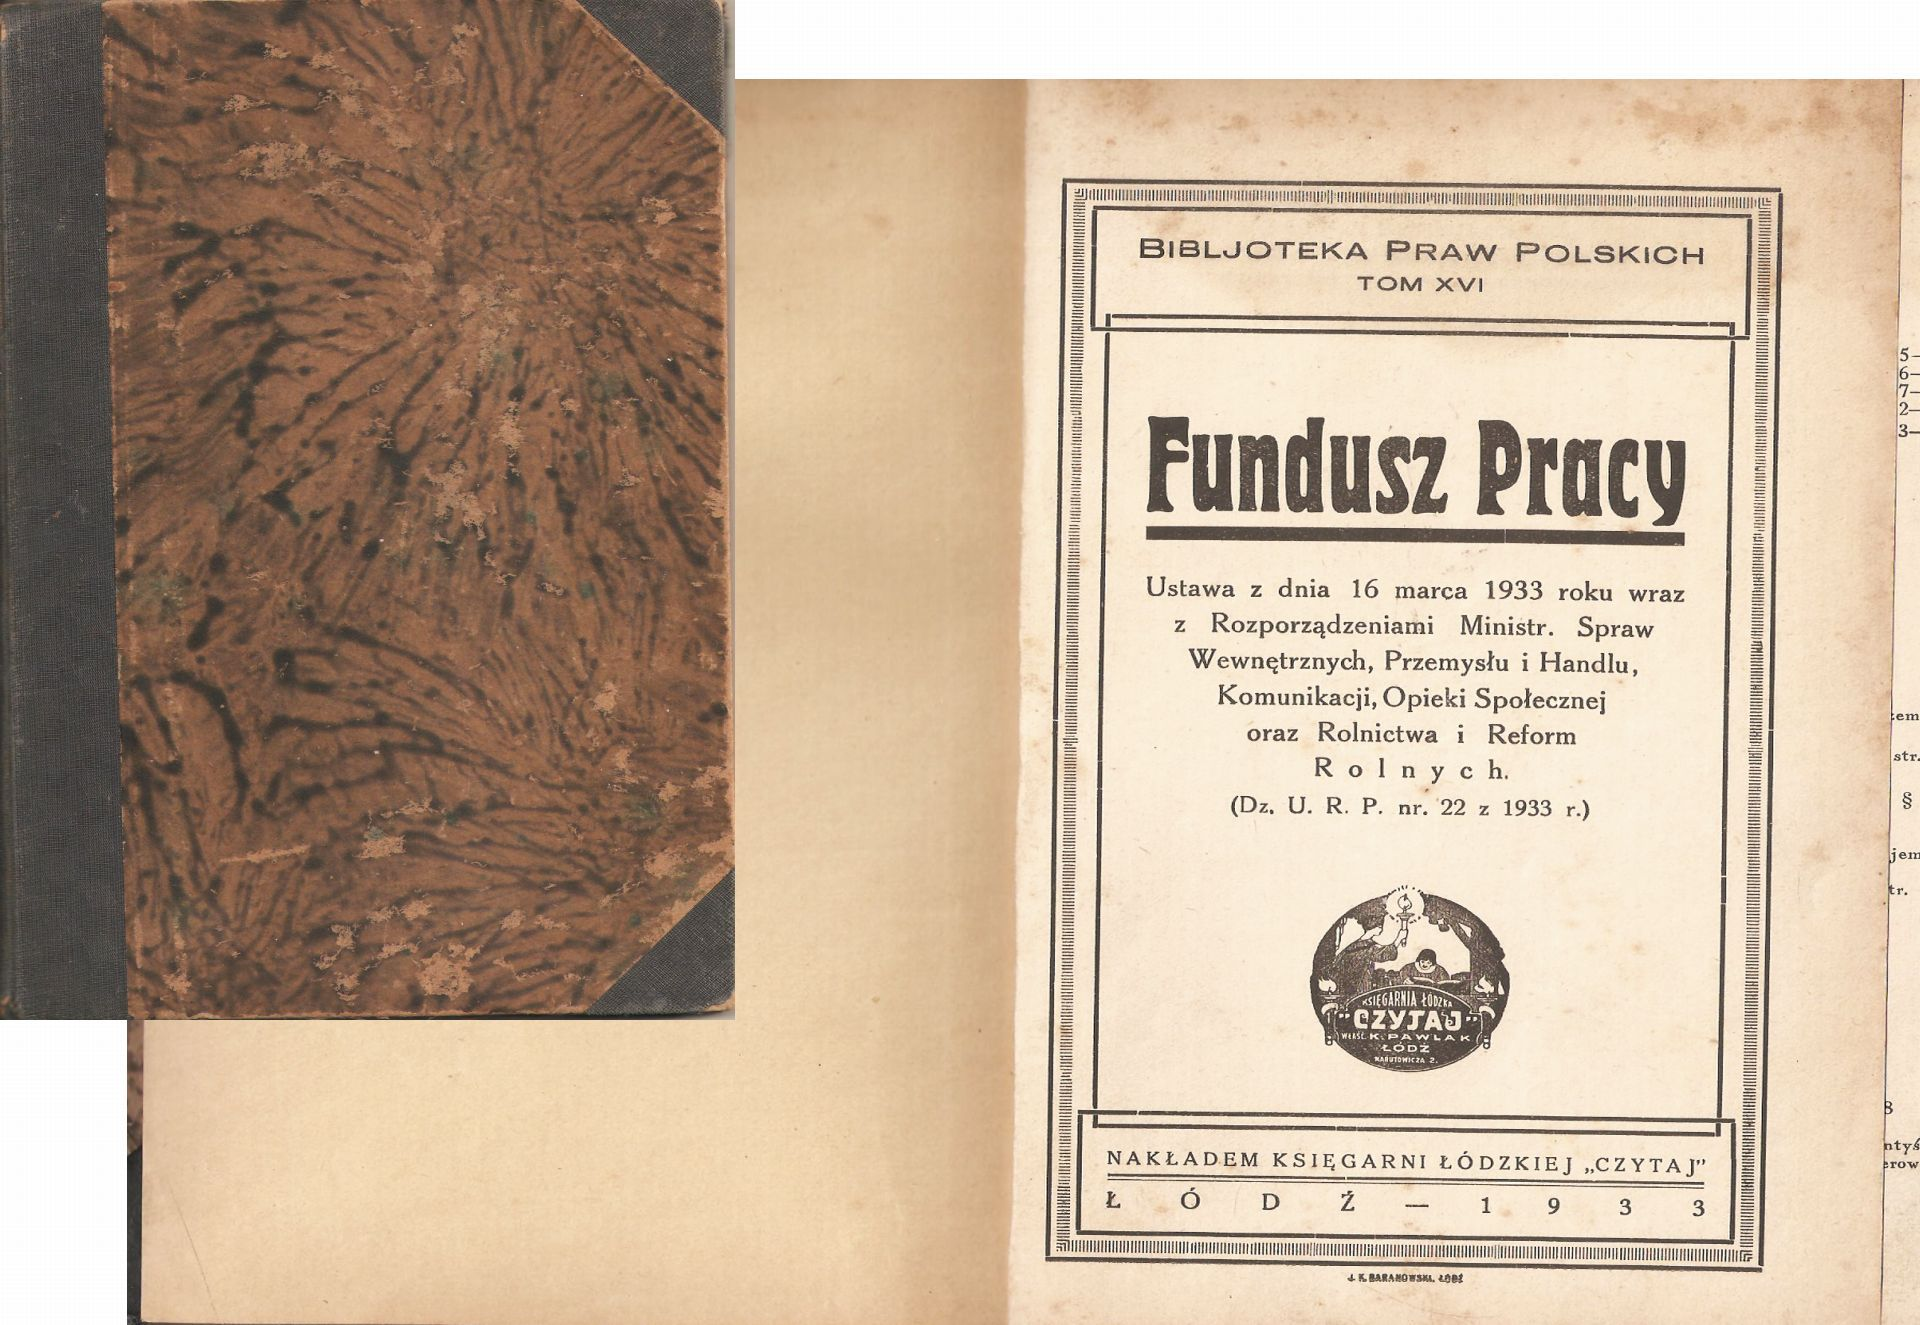 Fundusz pracy 1933 Biblioteka Praw Polskich